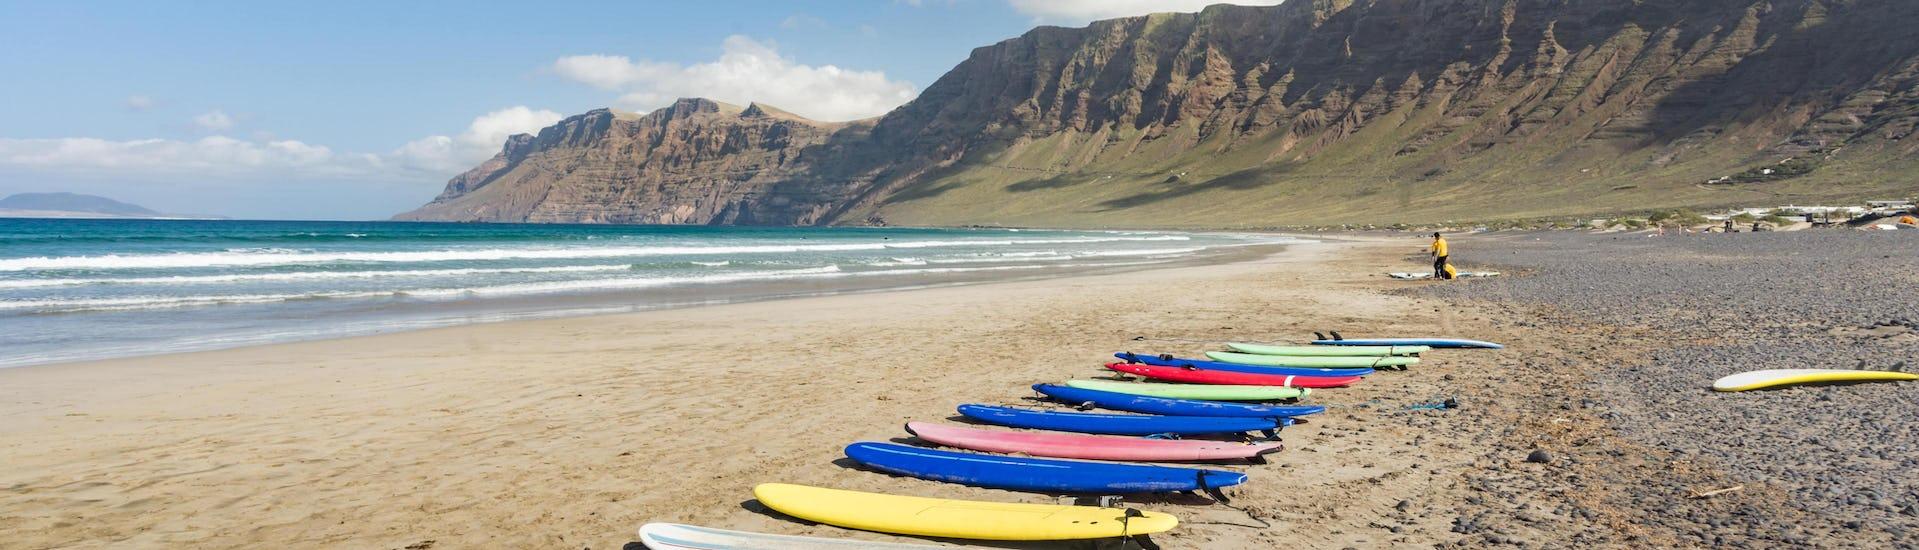 Eine Reihe Surfbretter liegt zum Surfen auf Lanzarote am Strand bereit.